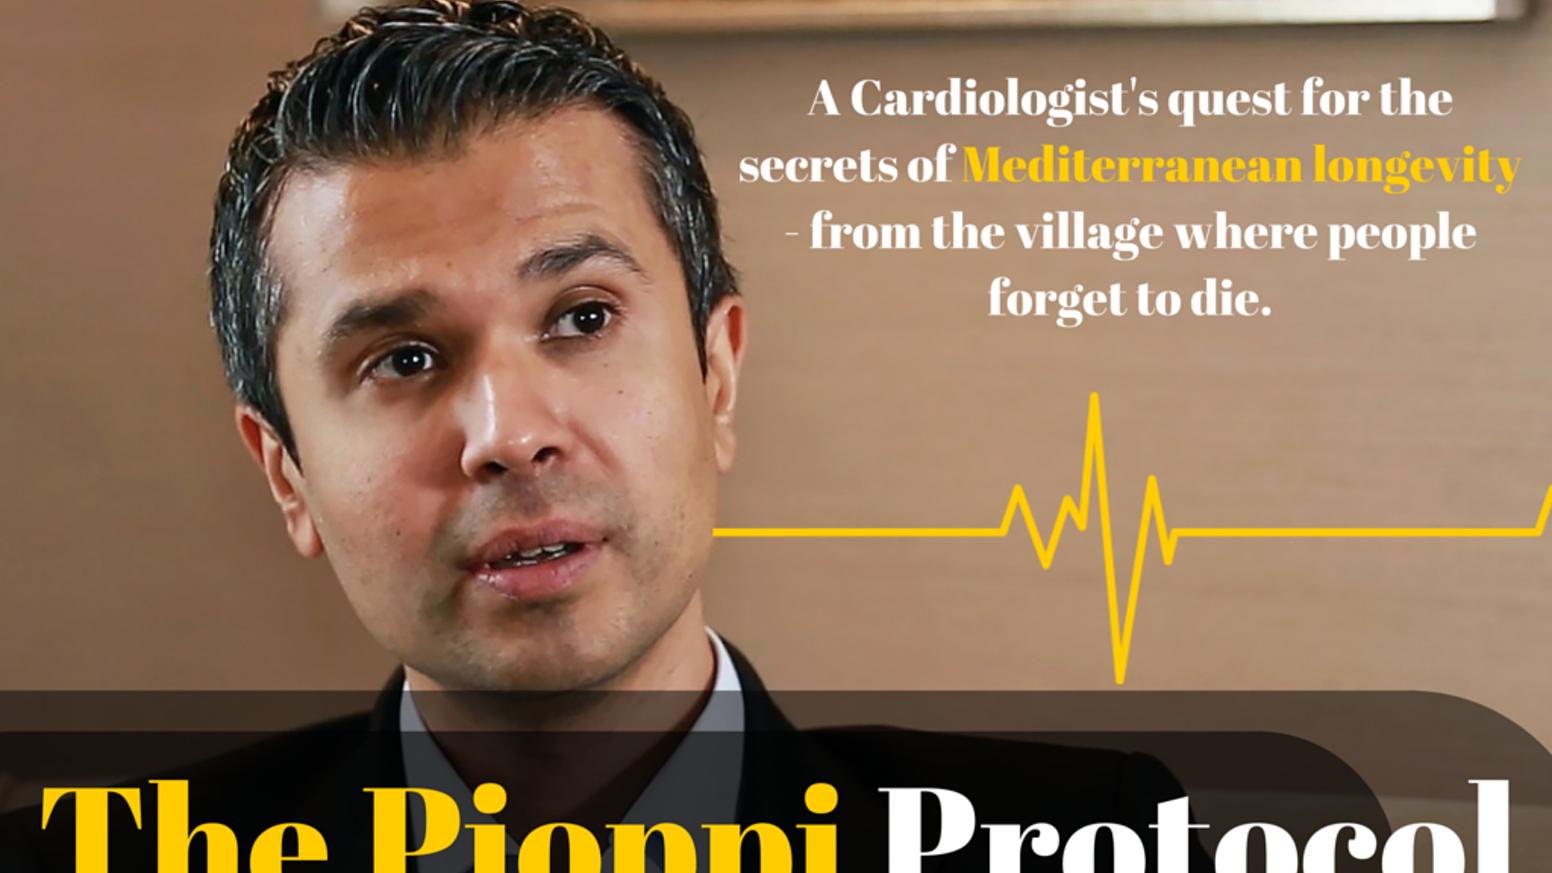 Chỉ mất 21 ngày ăn theo chế độ ăn Pioppi để giảm cân, tăng tuổi thọ: Các chuyên gia dinh dưỡng nói gì? - Ảnh 2.